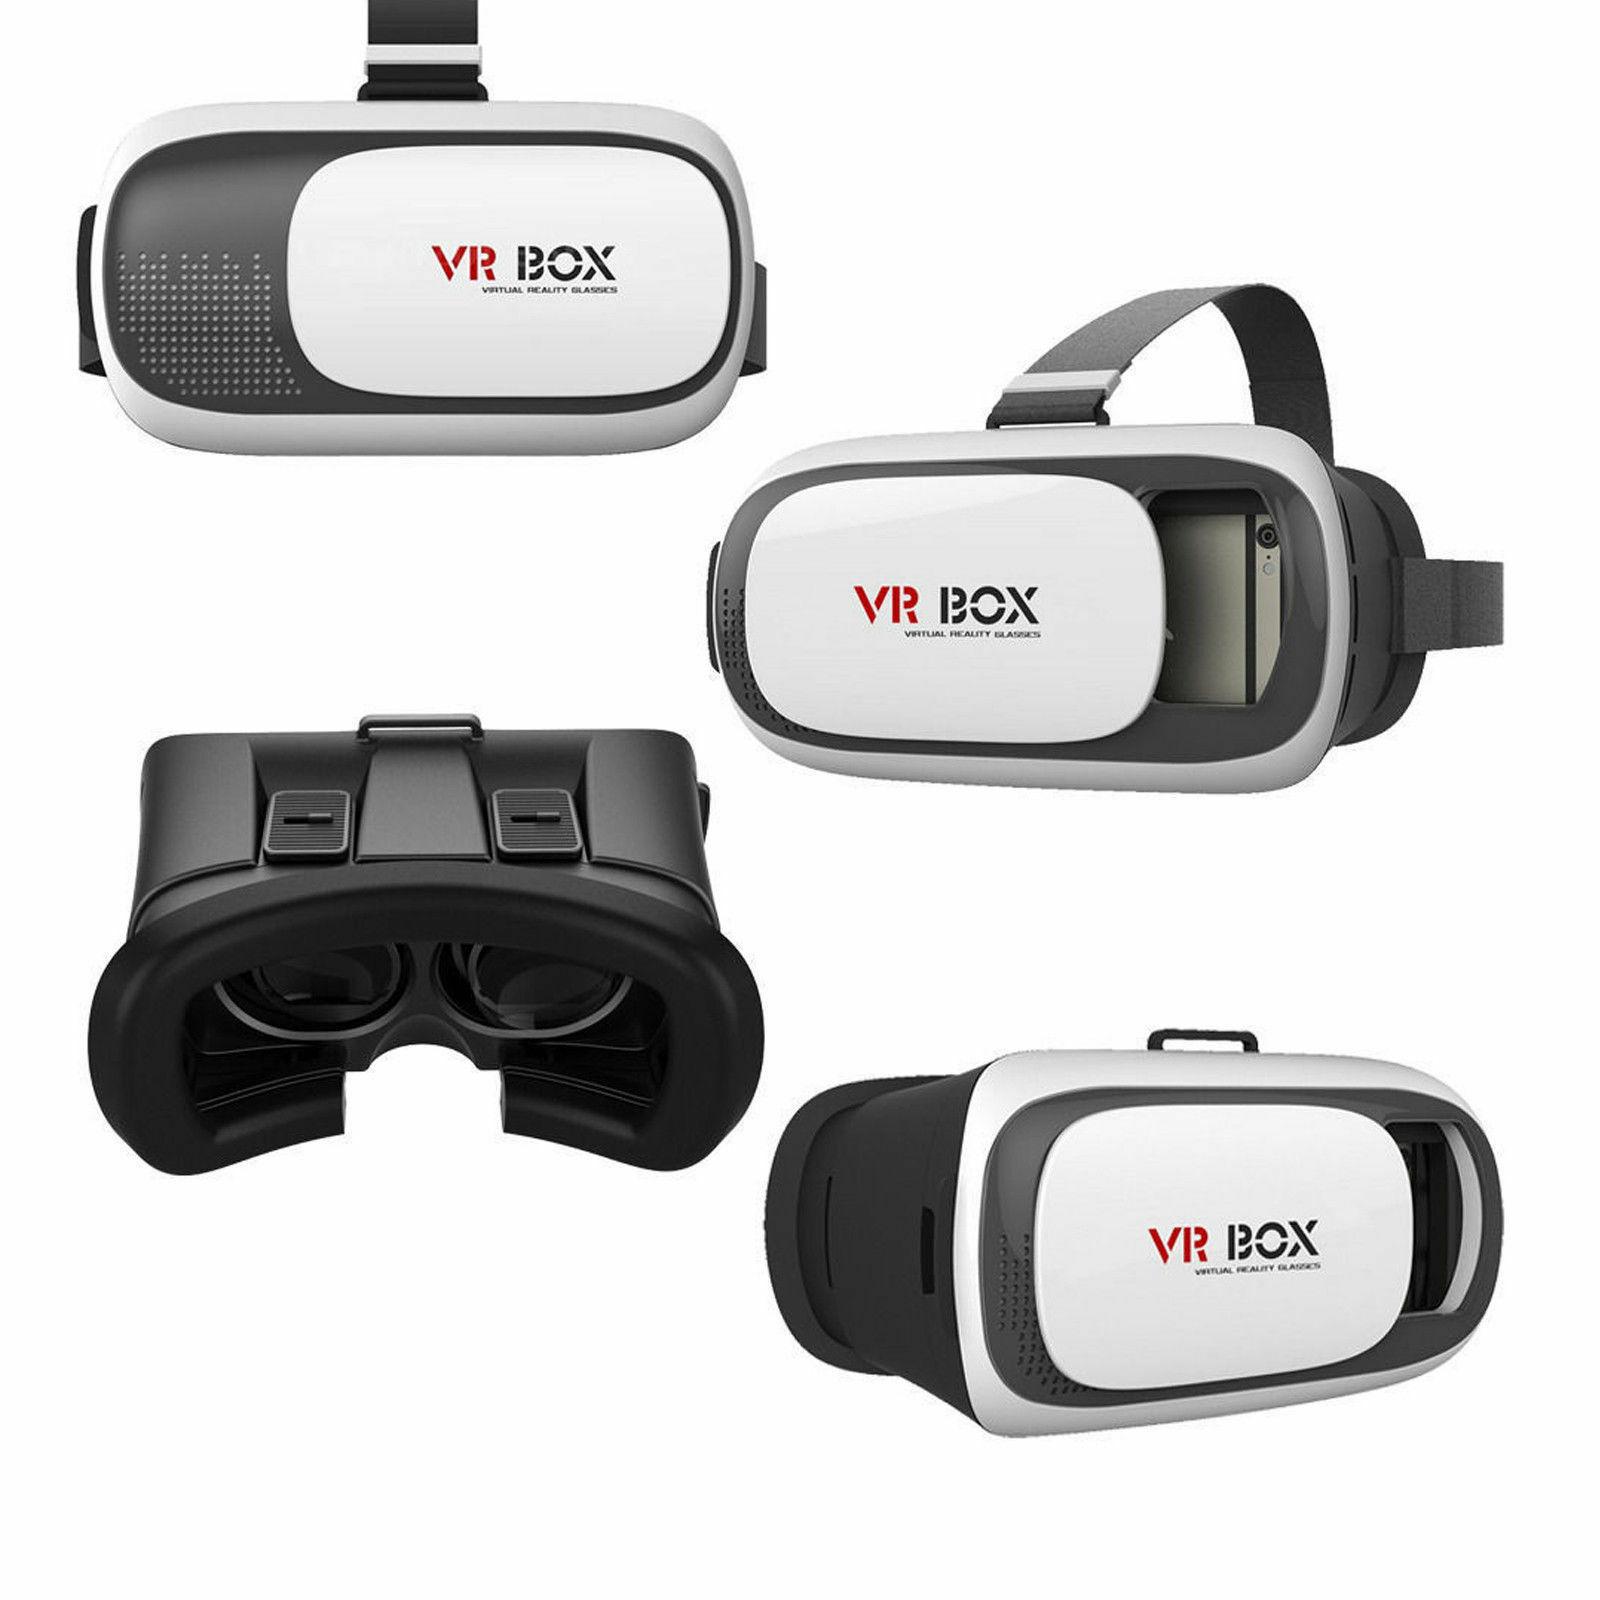 Очки виртуальной реальности с разных ракурсов.